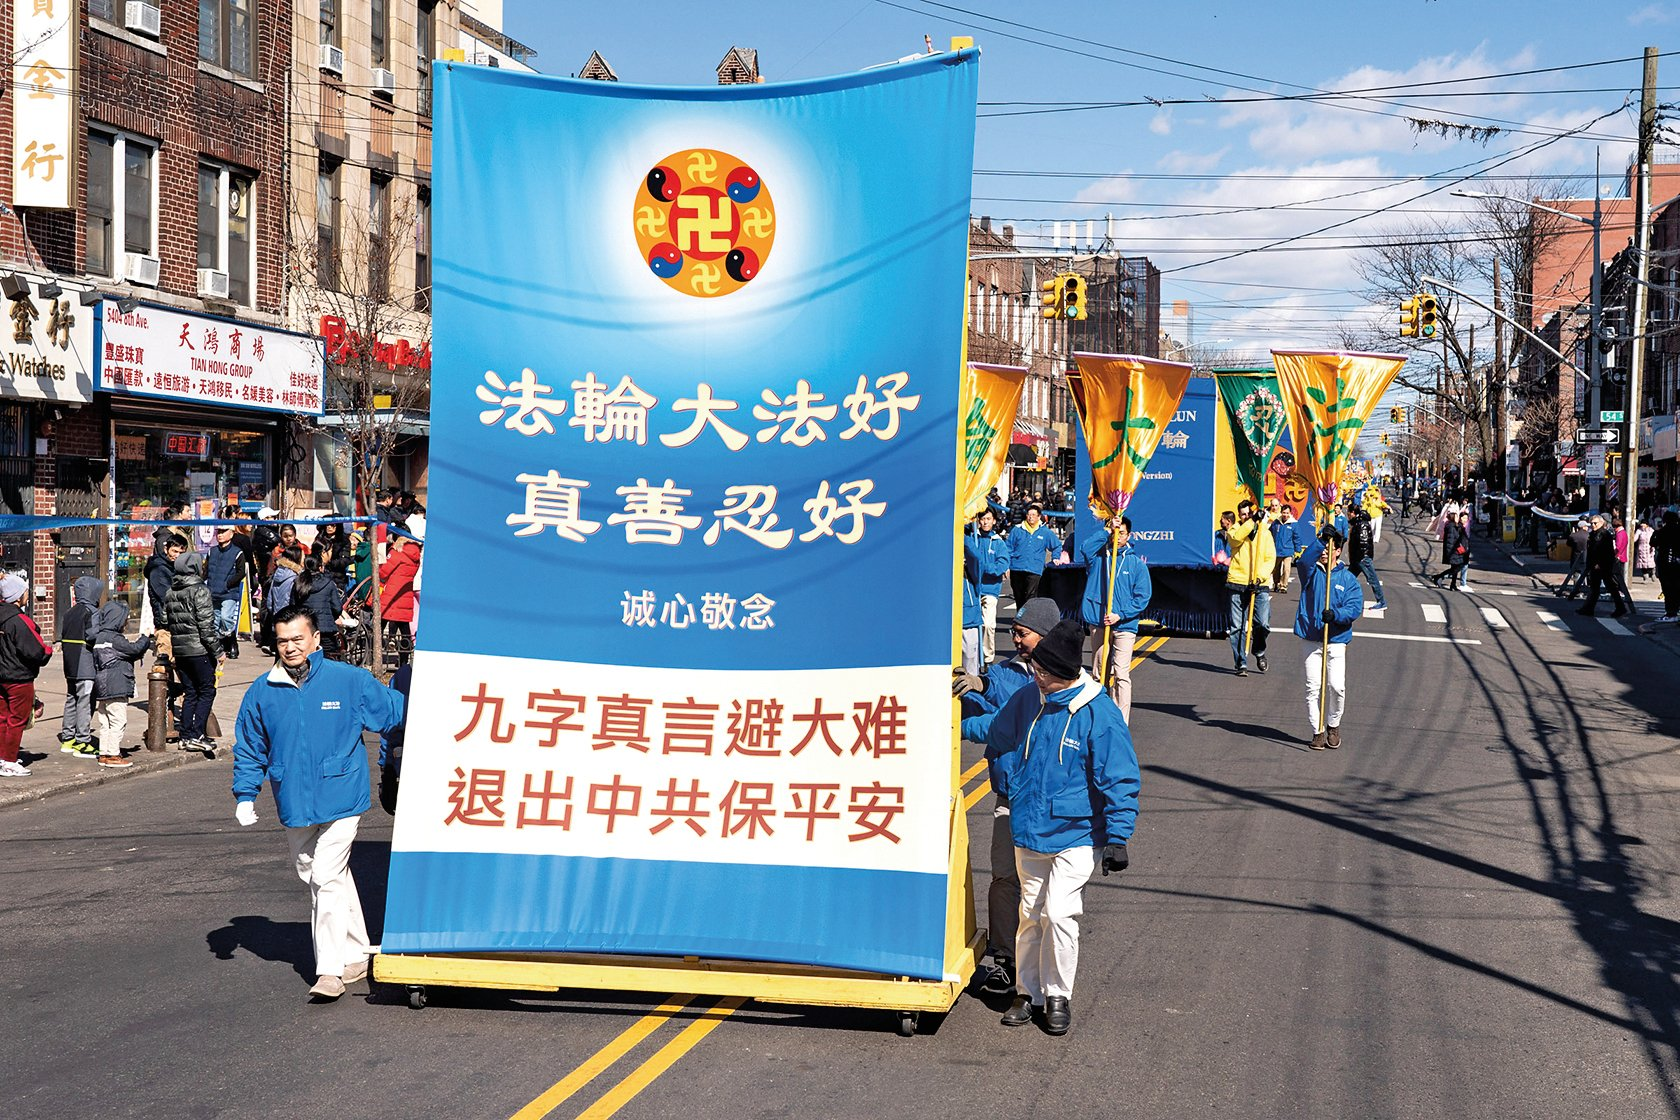 2020年3月1日,近千名法輪功學員在紐約第三大華人社區——布碌侖八大道上舉行了盛大遊行,向民眾傳遞救世良方:記住「法輪大法好!真、善、忍好!」「三退保平安」。(大紀元)